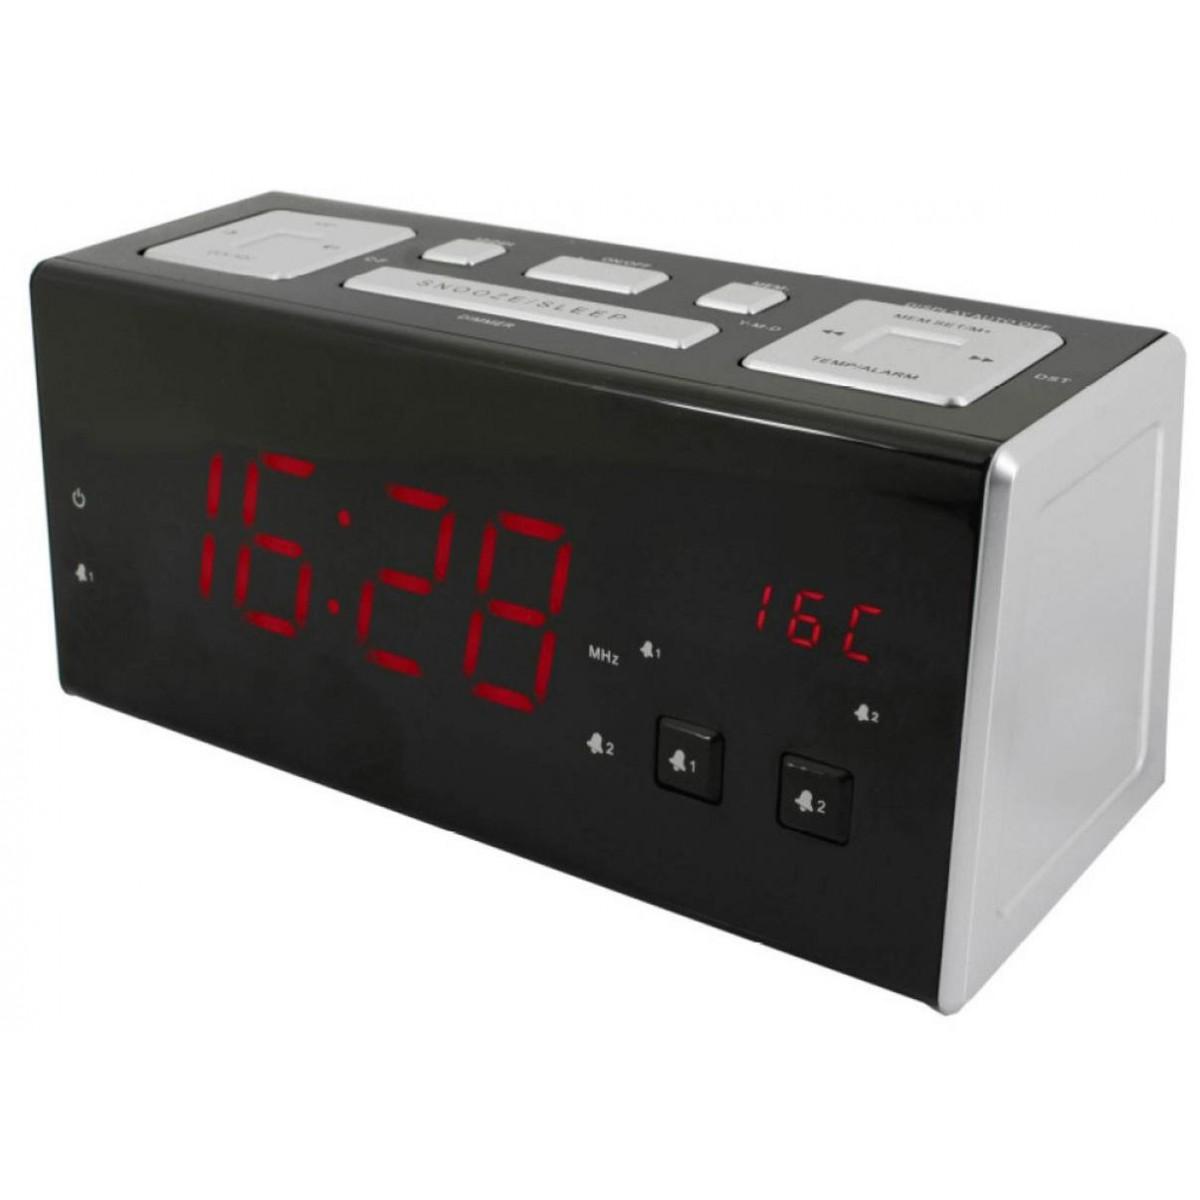 Electrohome De Carga Usb Radio Reloj Despertador